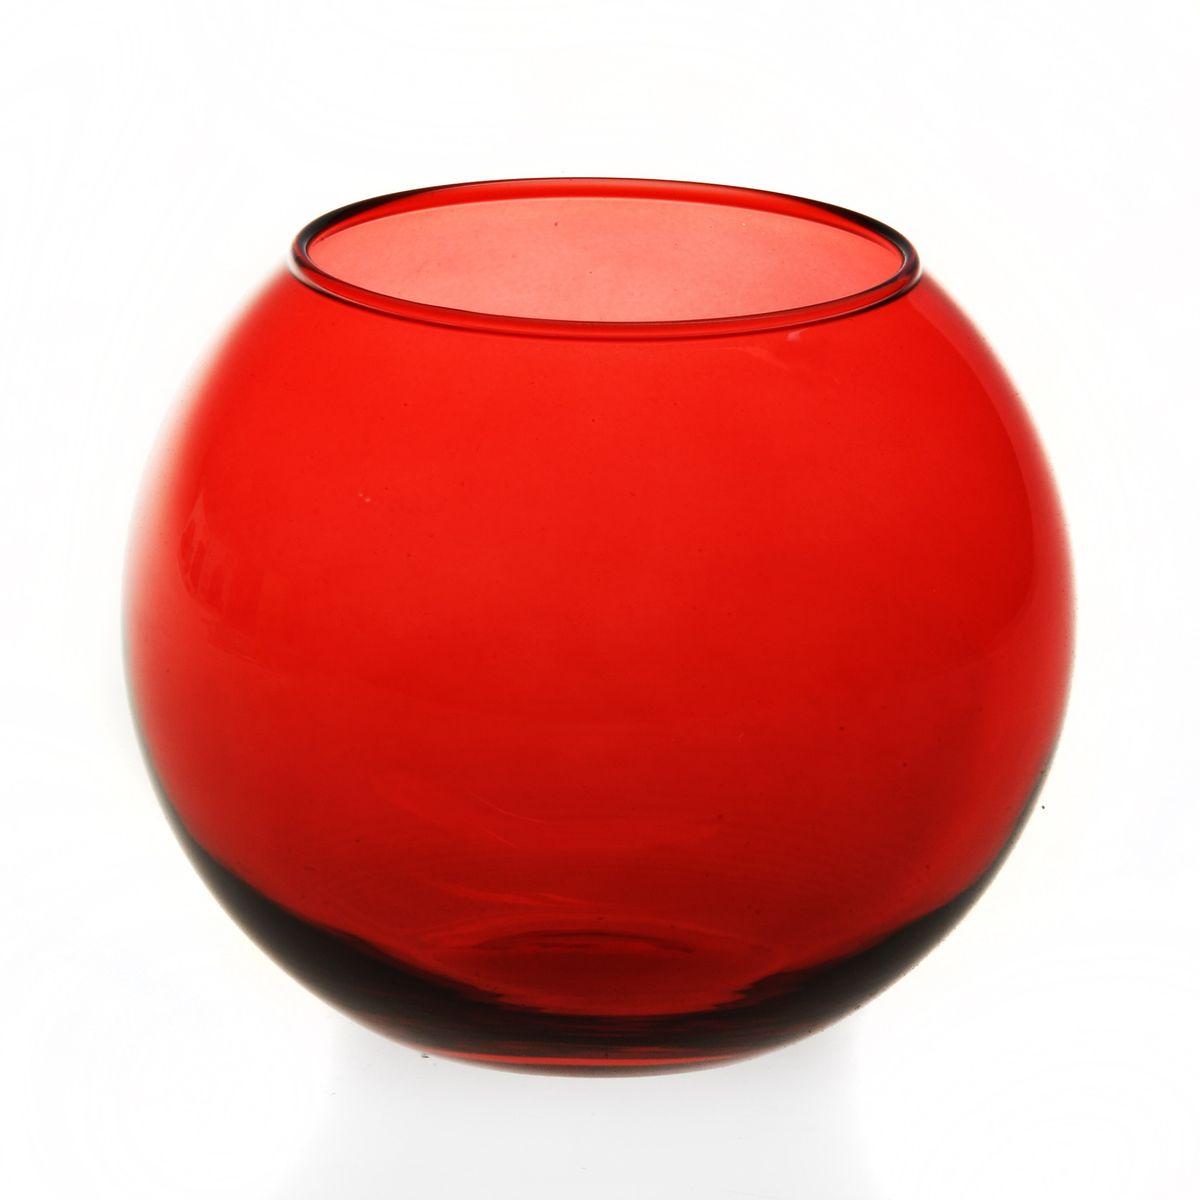 Ваза Workshop Flora, цвет: красный, высота 11 смFS-91909Ваза Workshop Flora, выполненная из натрий-кальций-силикатного стекла, сочетает в себе изысканный дизайн с максимальной функциональностью. Круглая ваза имеет гладкие одноцветные стенки. Она идеально подойдет для мелких цветов. Такая ваза придется по вкусу и ценителям классики, и тем, кто предпочитает утонченность и изысканность. Высота вазы: 11 см.Диаметр вазы (по верхнему краю): 7,9 см.